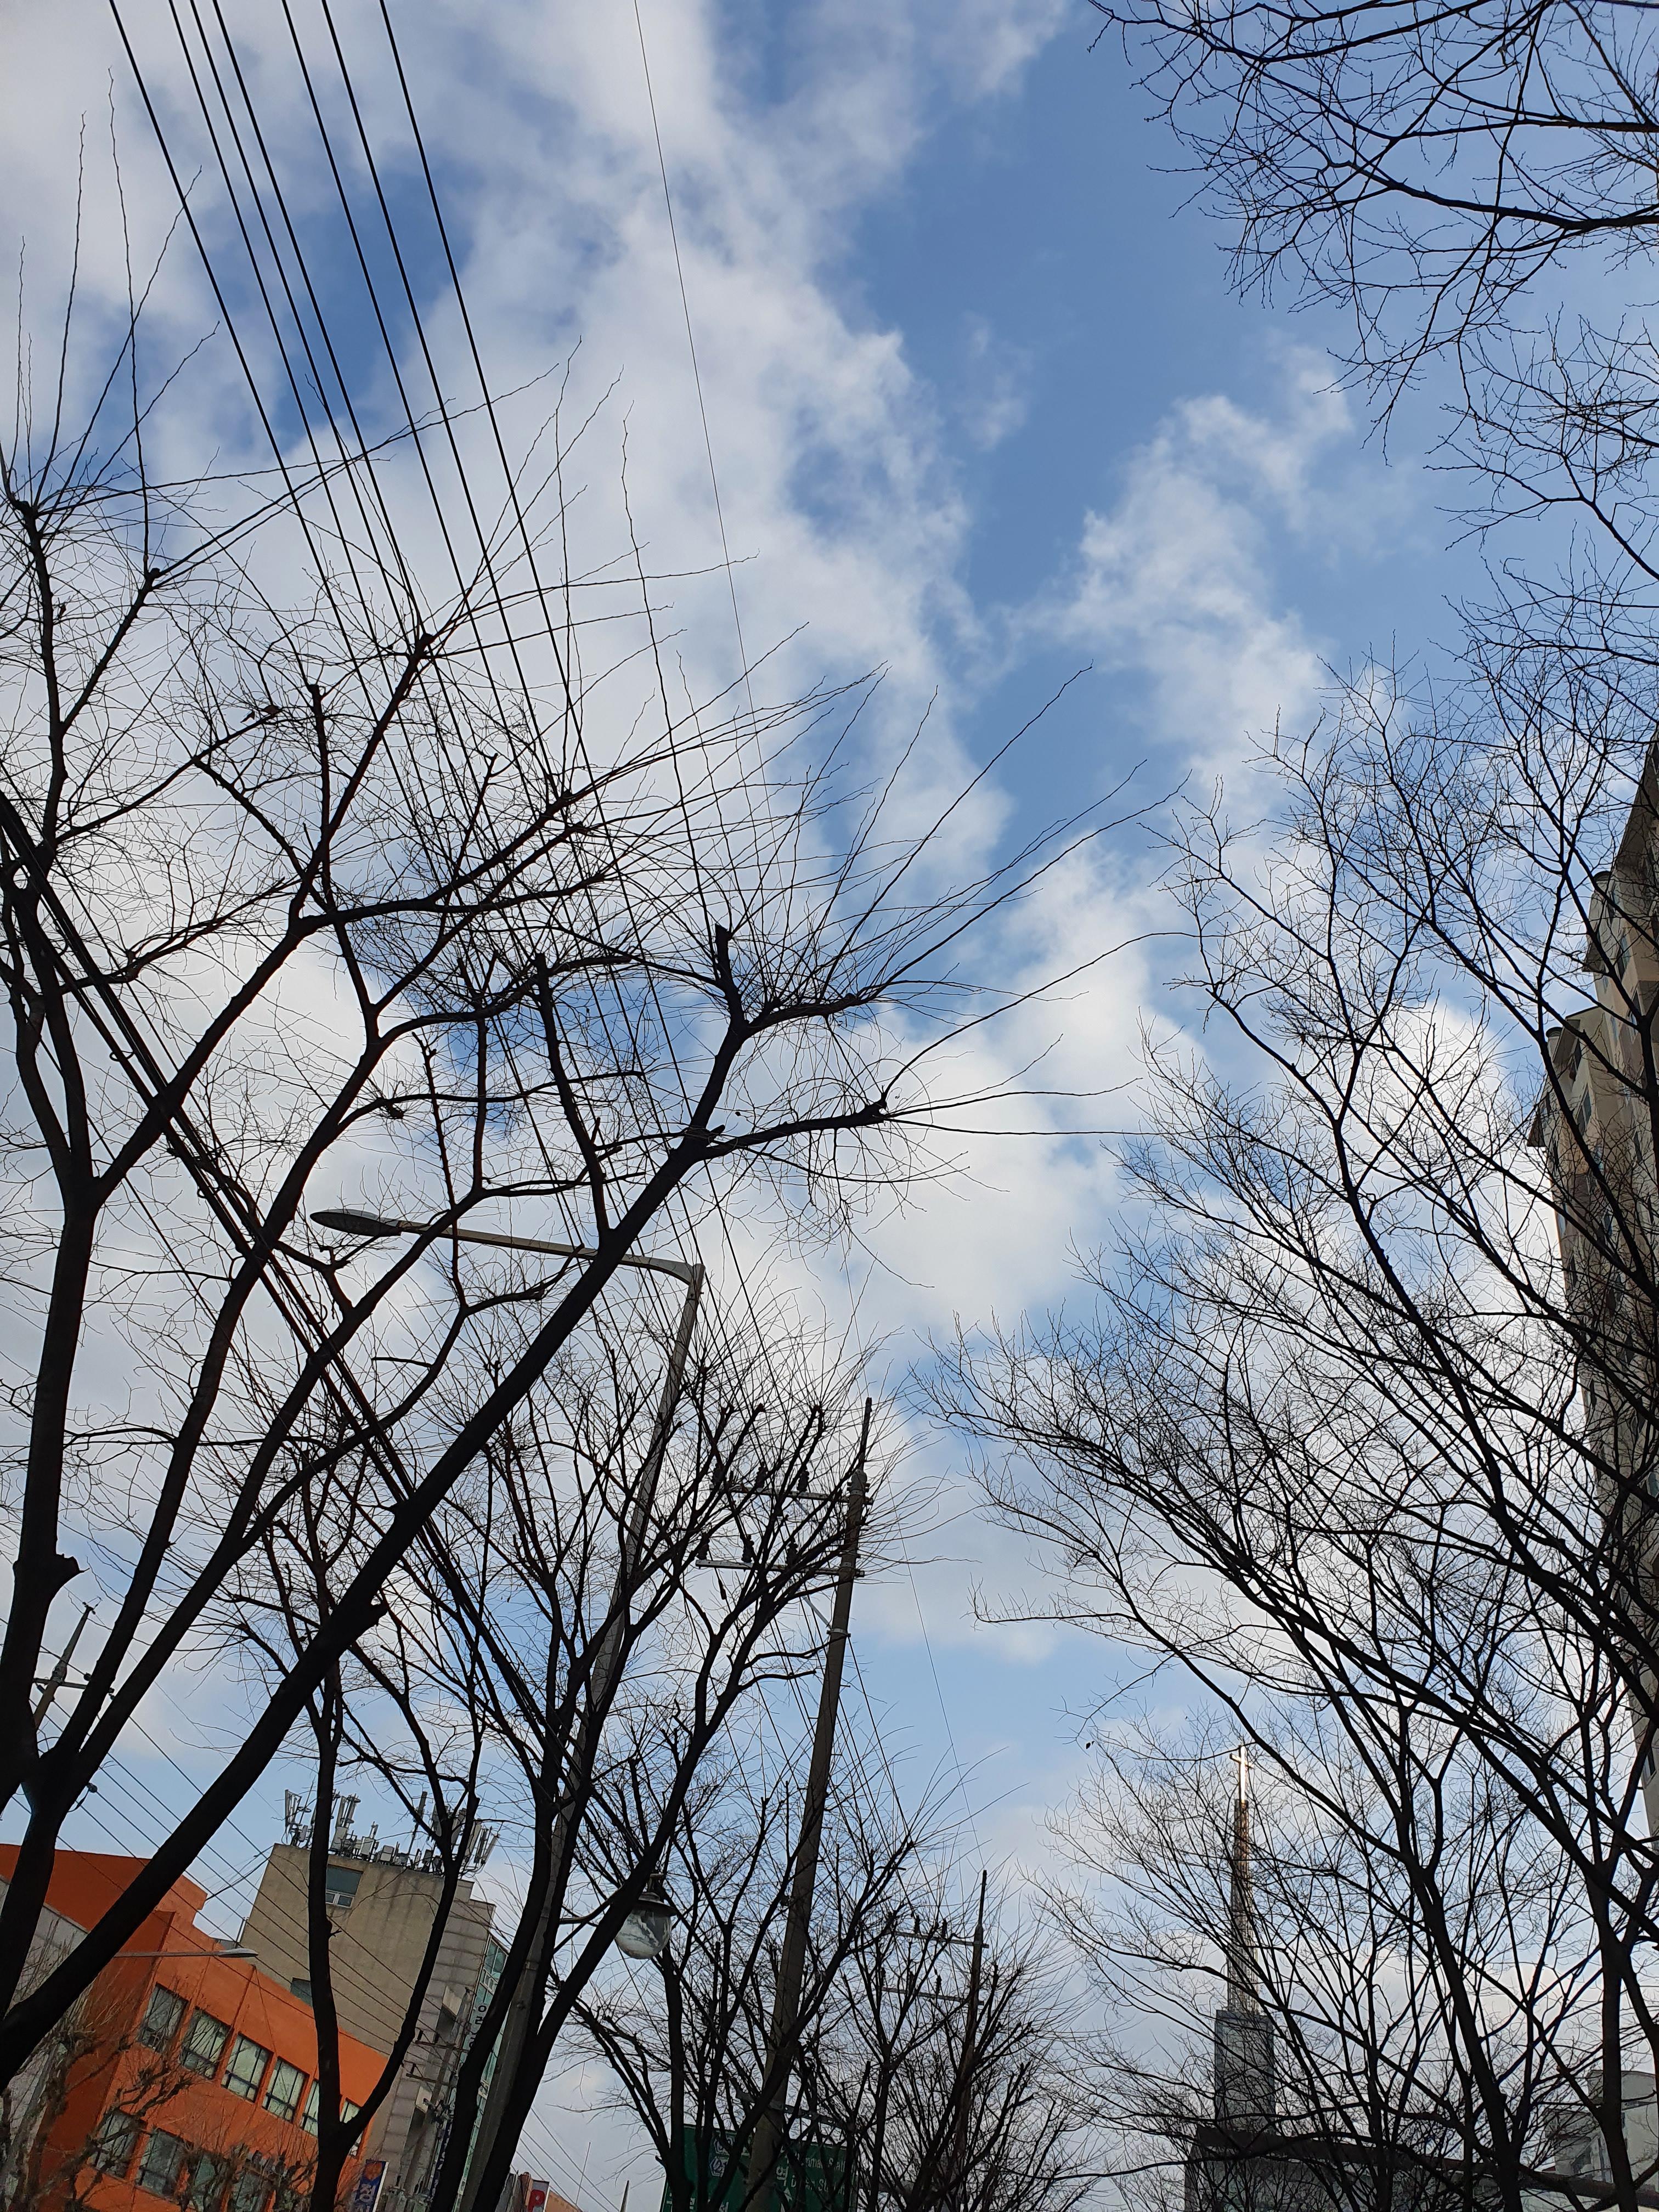 고운 하늘, 구름과 함께 두둥실